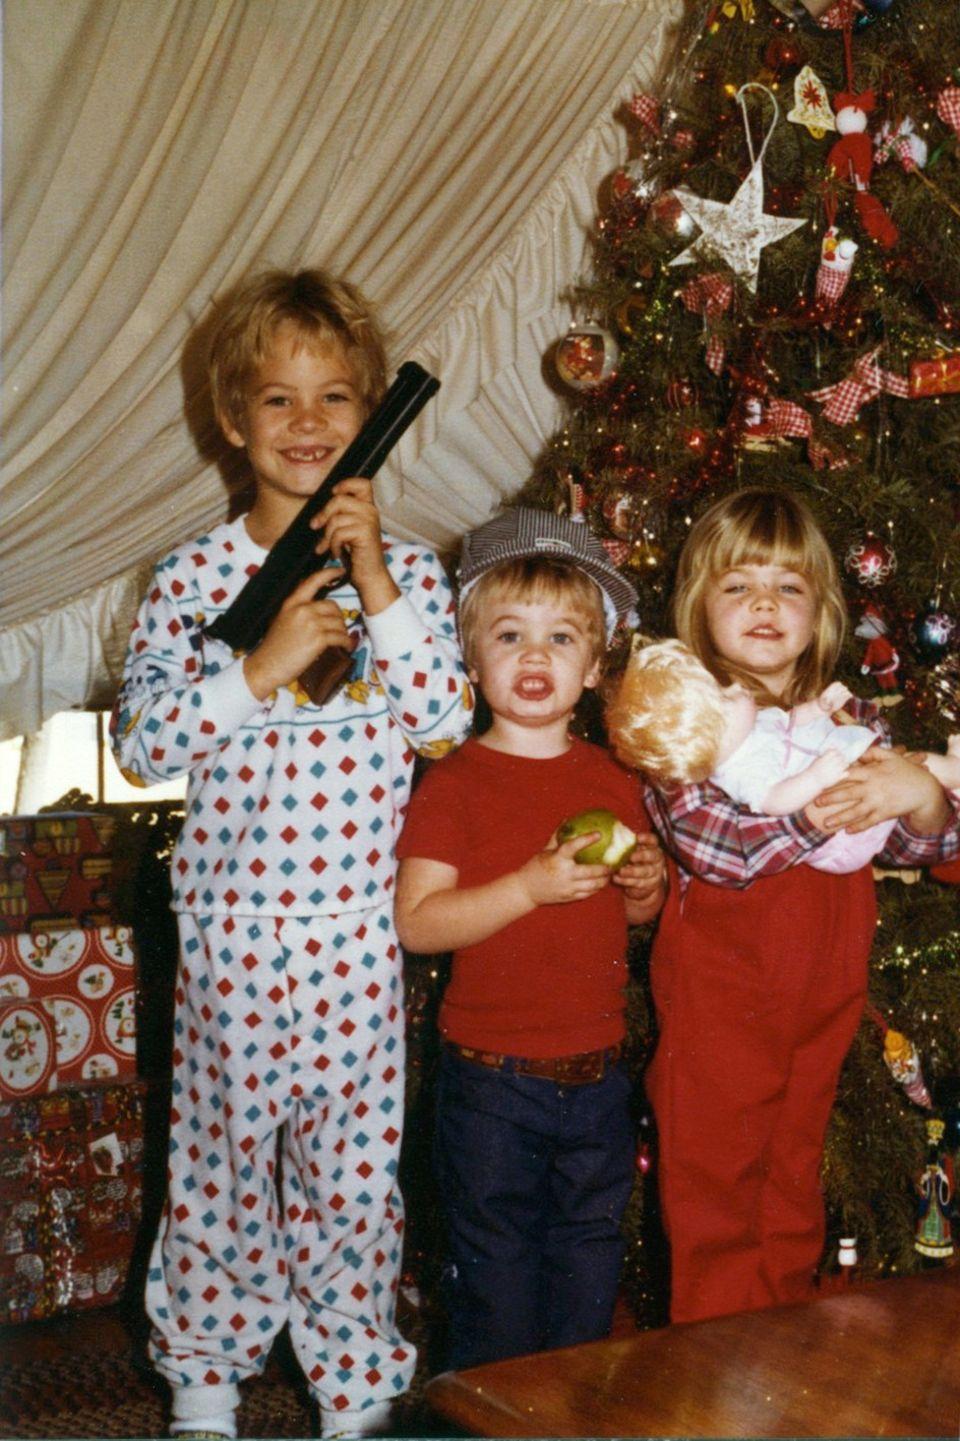 Weihnachten bei Familie Walker: Der kleine Paul (l.) mit seinen jüngeren Geschwistern Caleb und Ashlie.